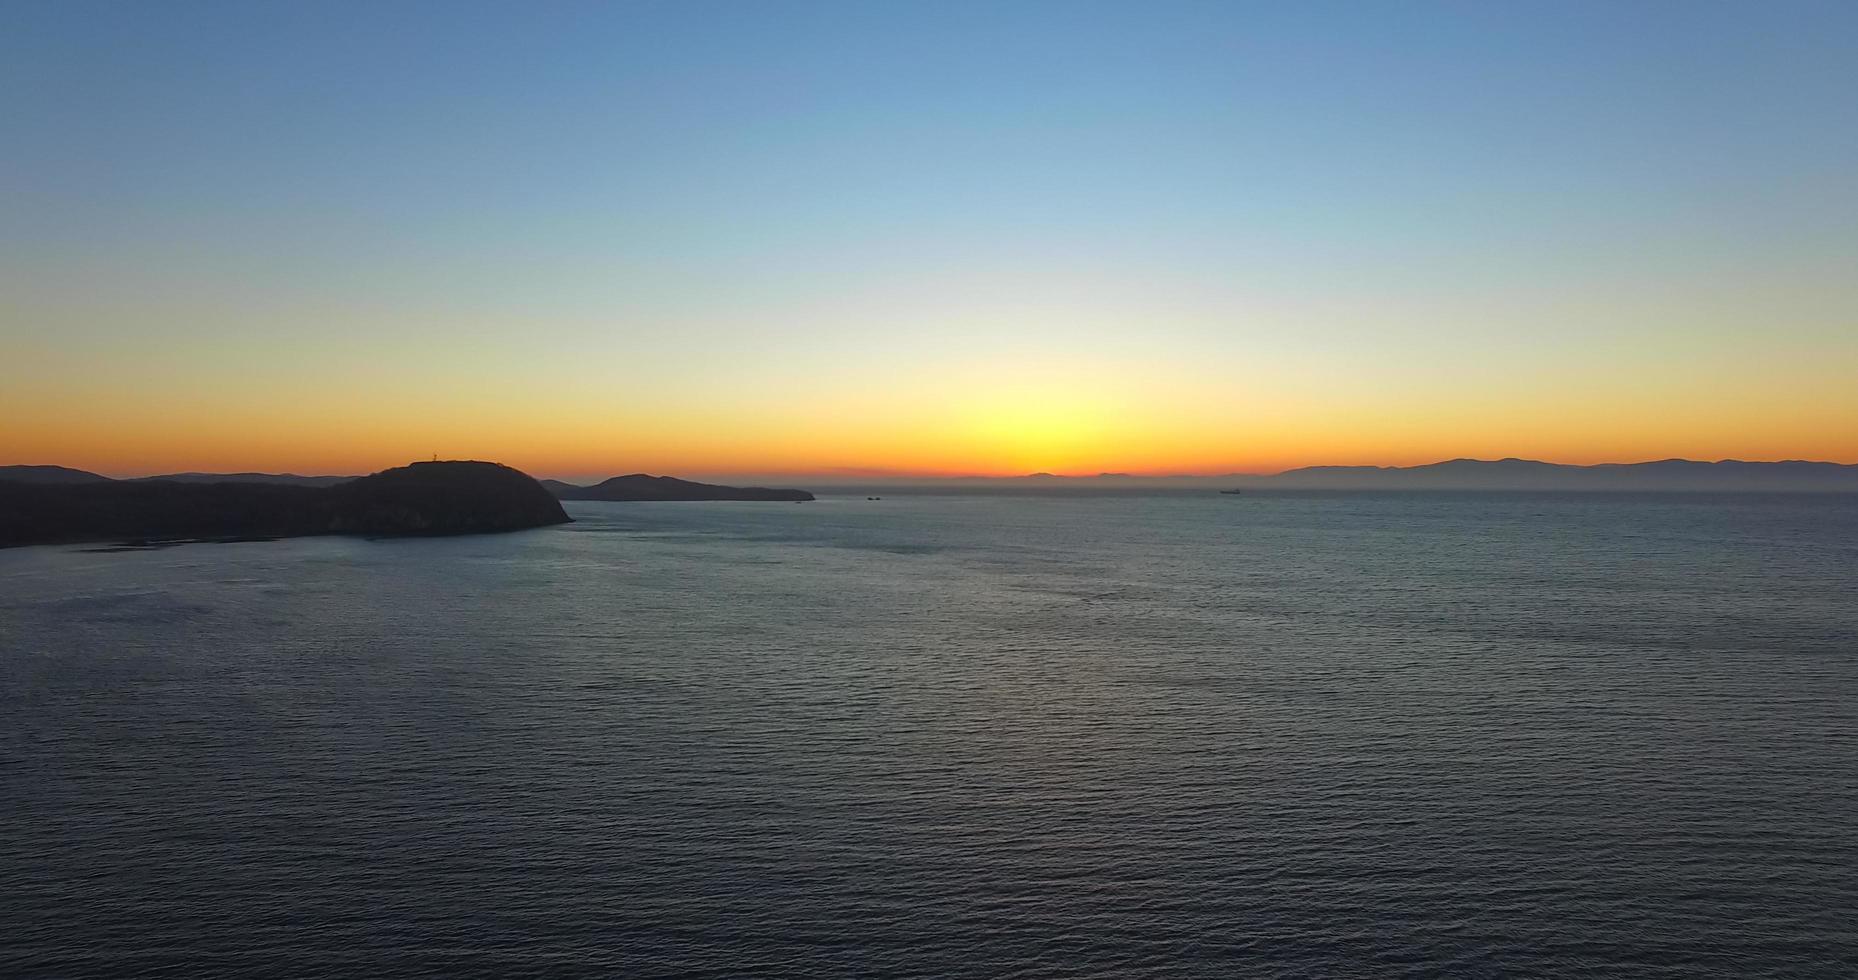 vista sul mare la sera con il tramonto. foto